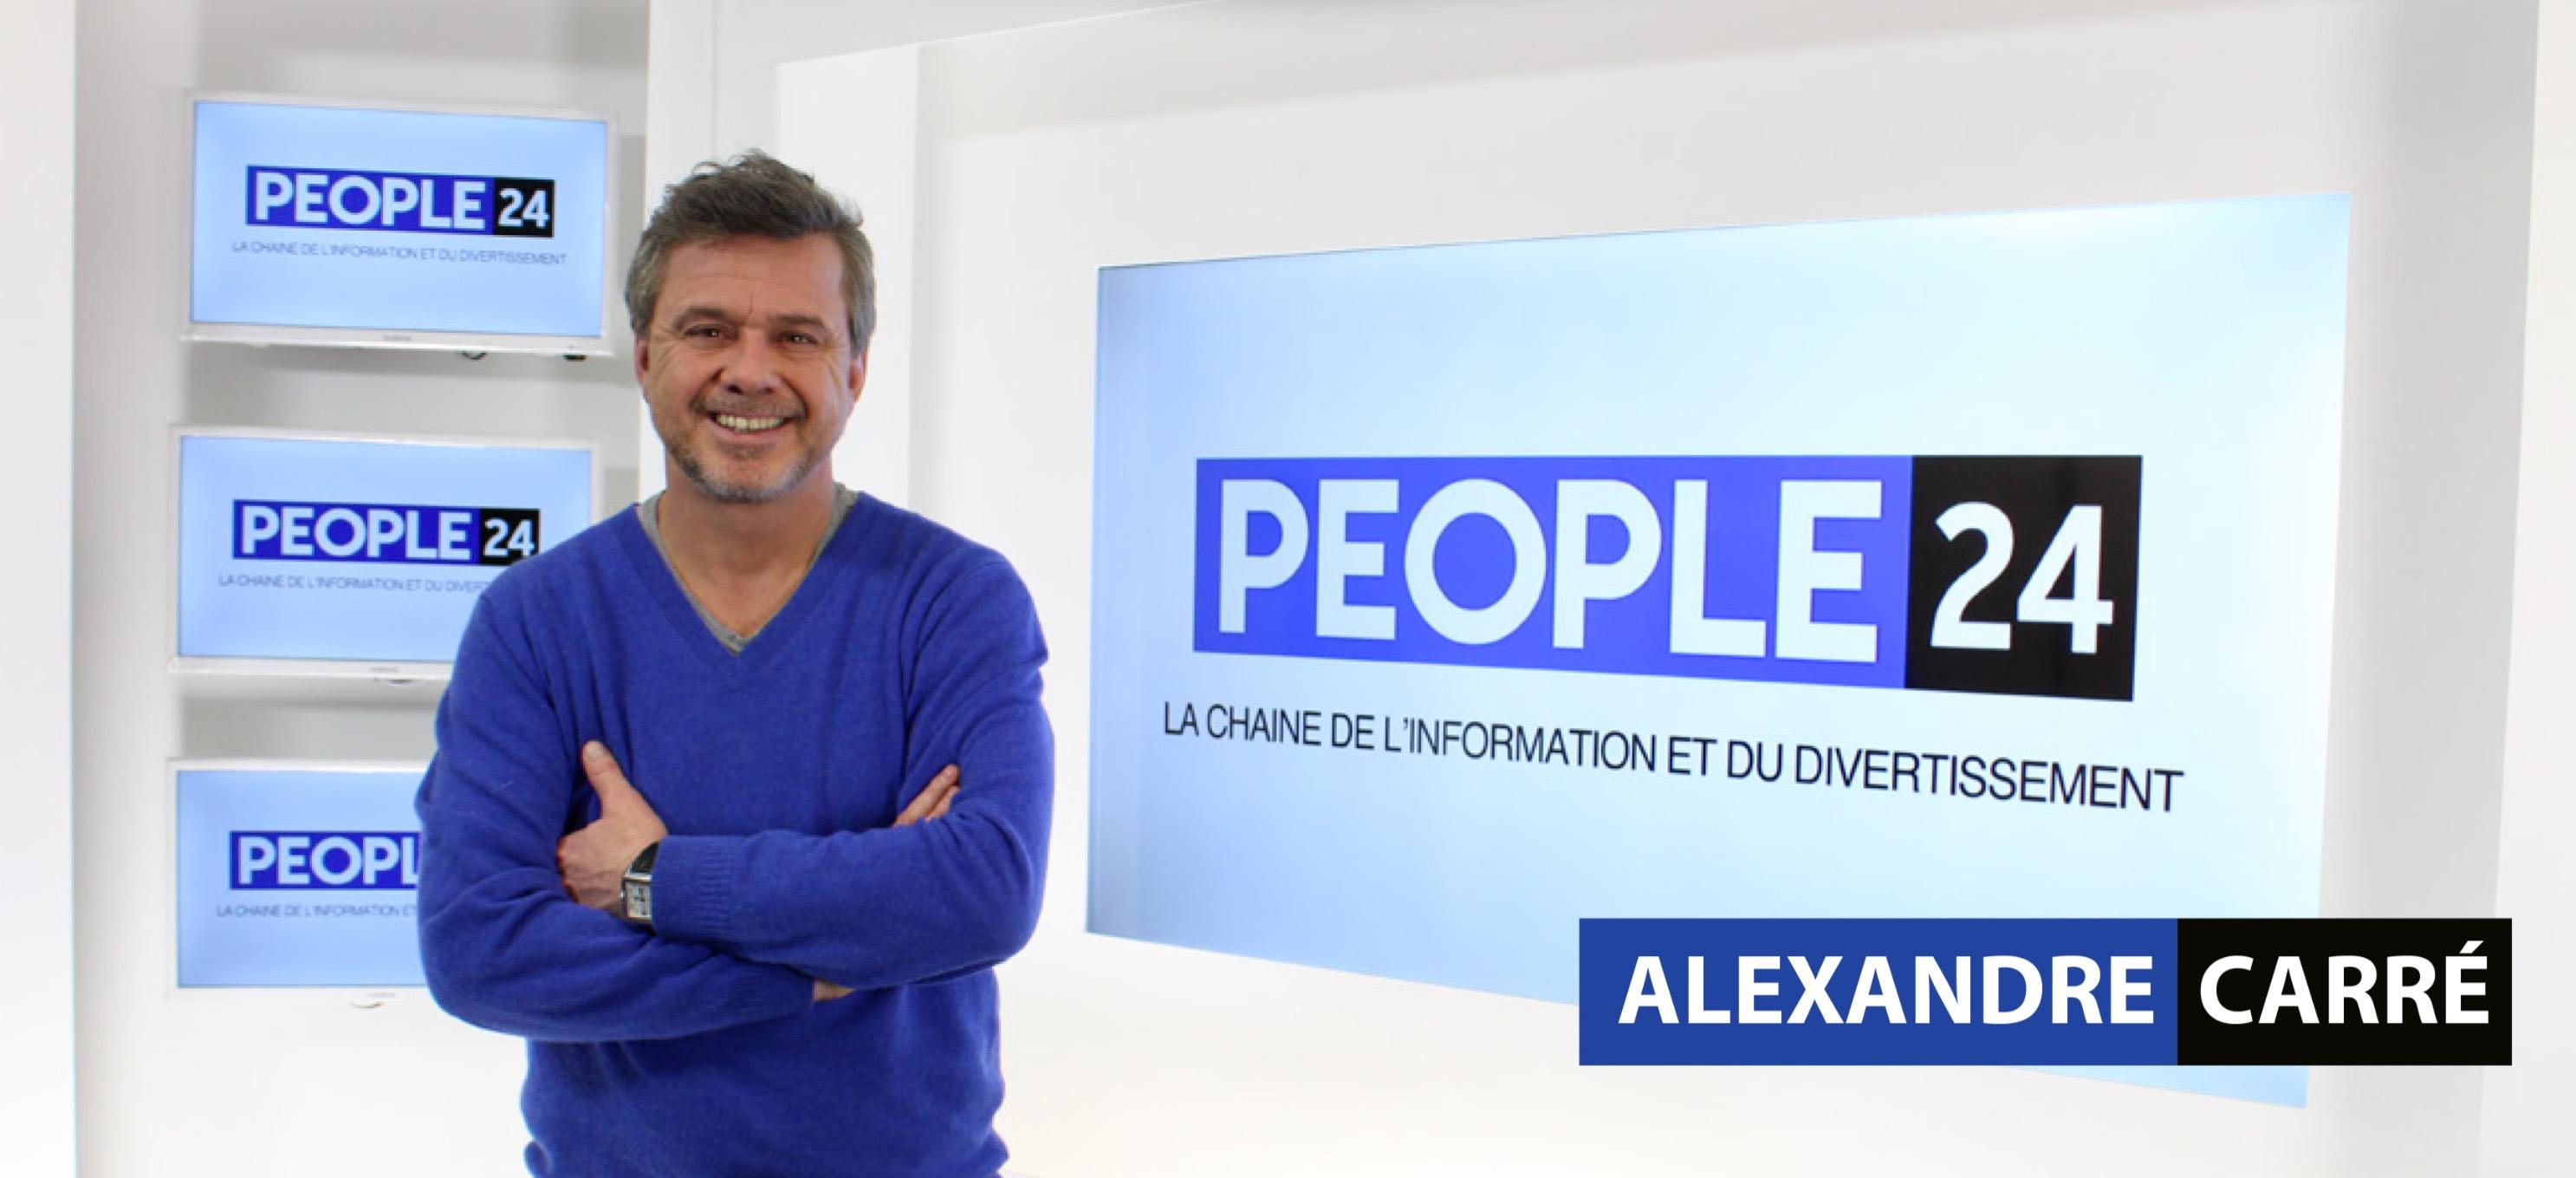 Alexandre_Carré_edited